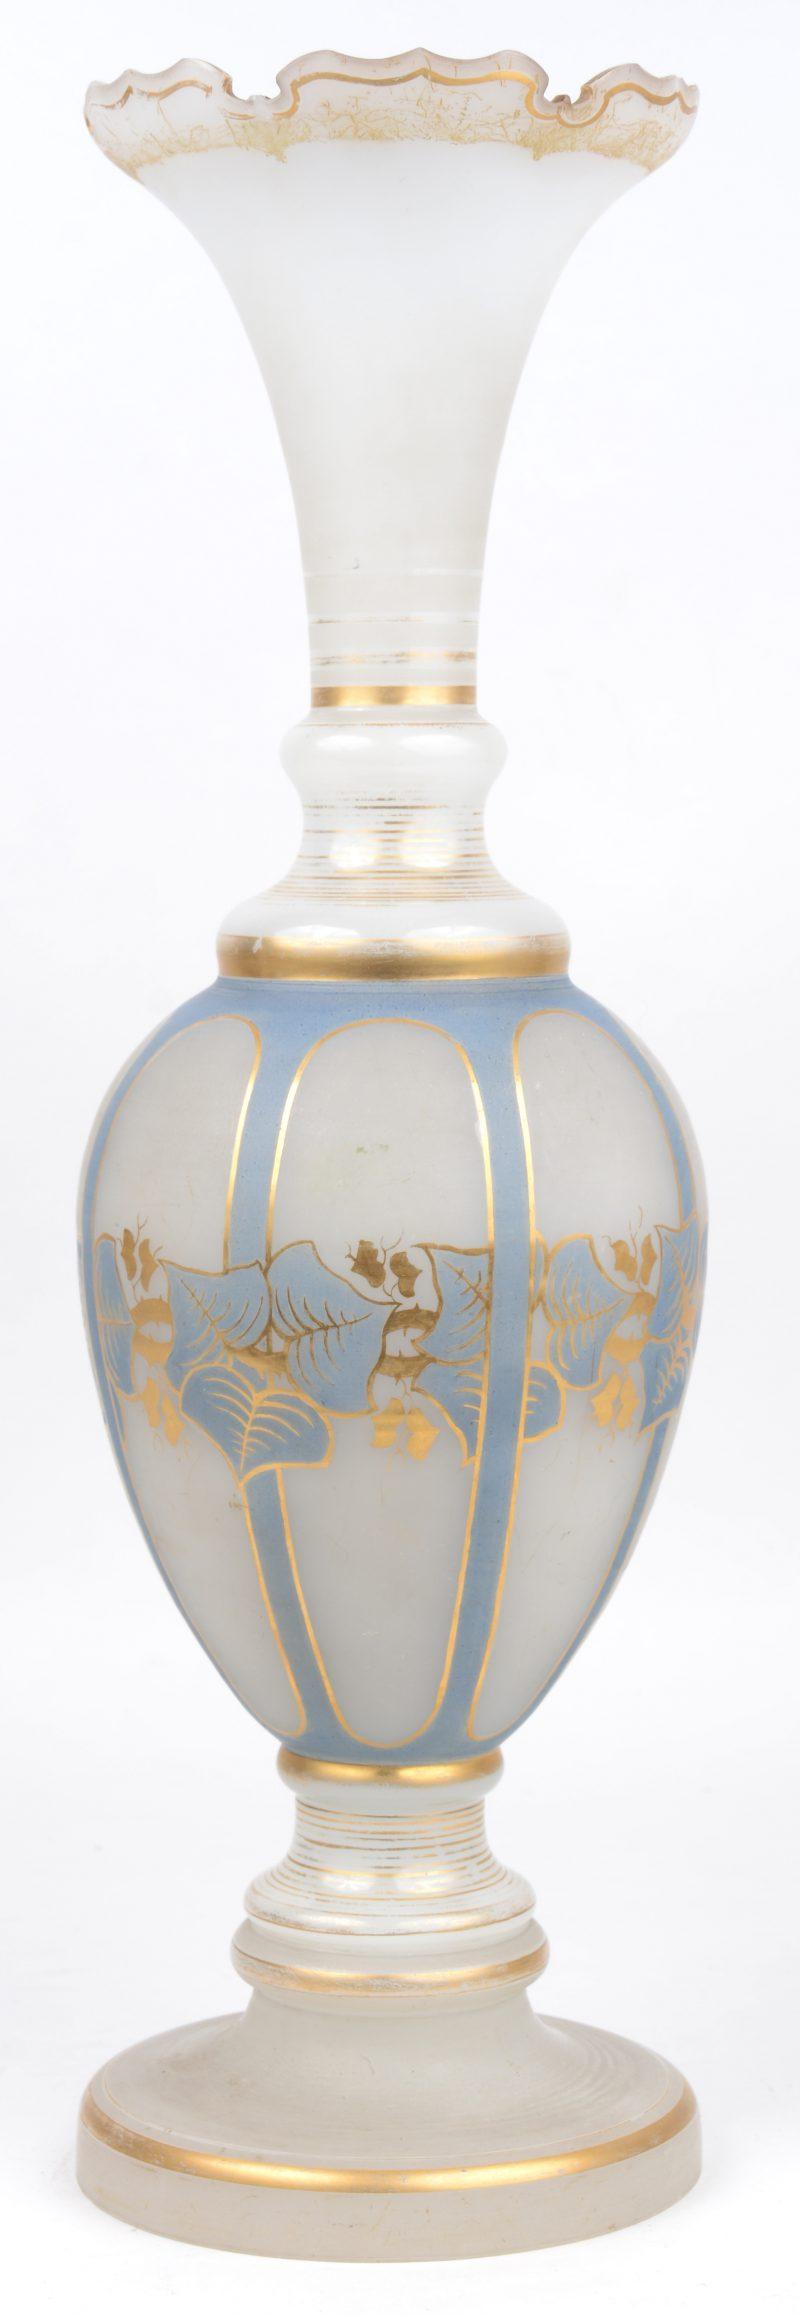 Een opaalglazen siervaas met blauw en verguld decor.